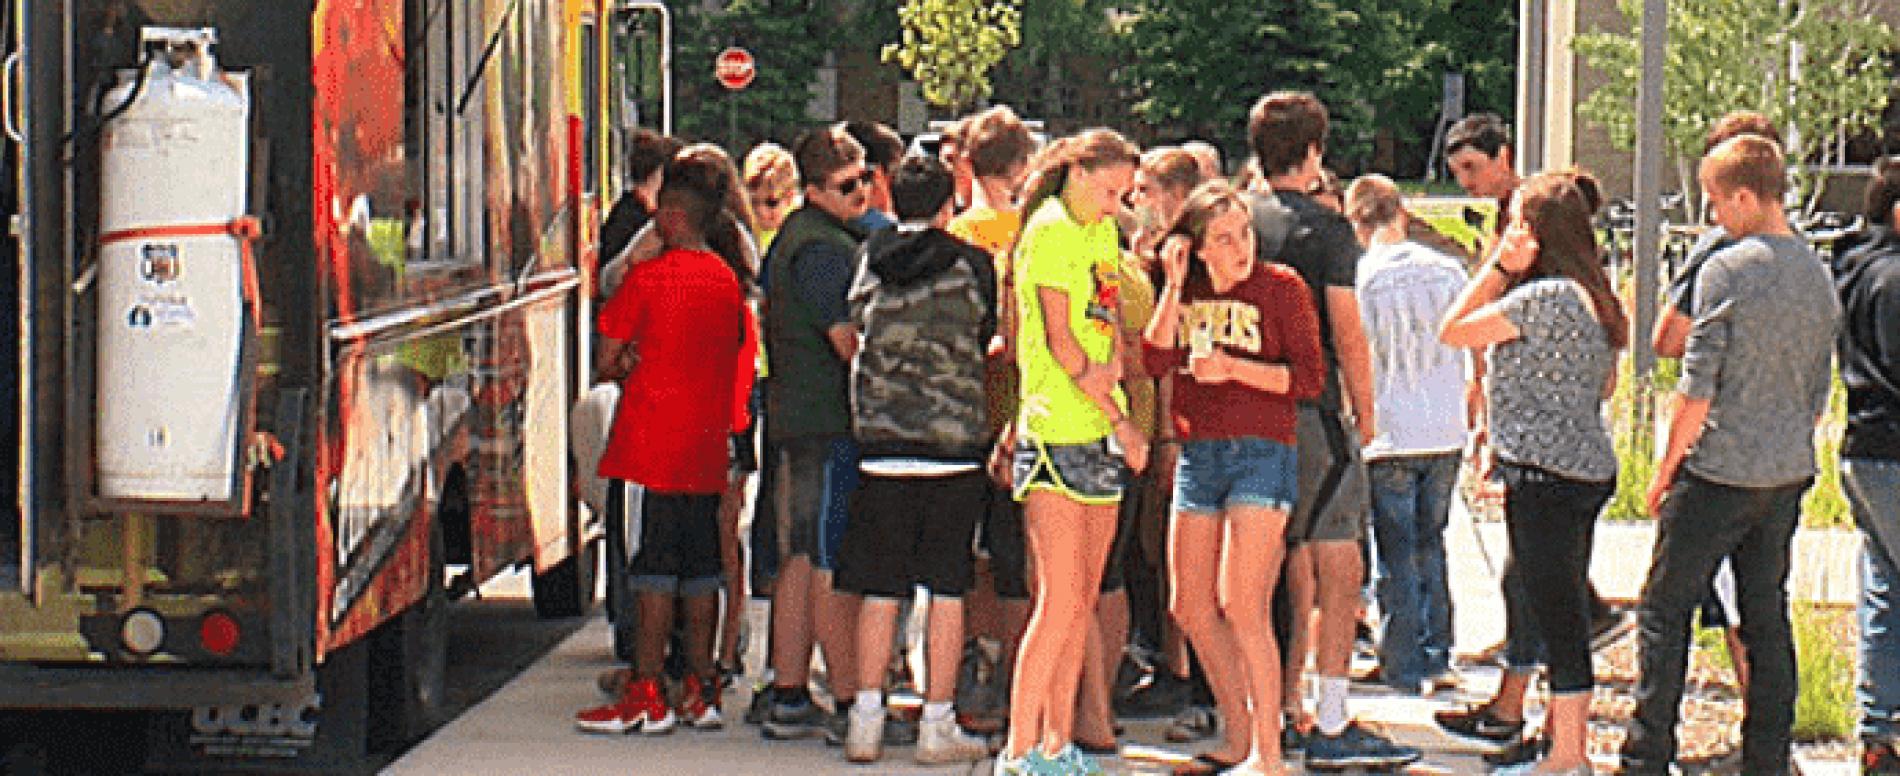 Lo street food all'ingresso delle scuole che fa concorrenza al gestore